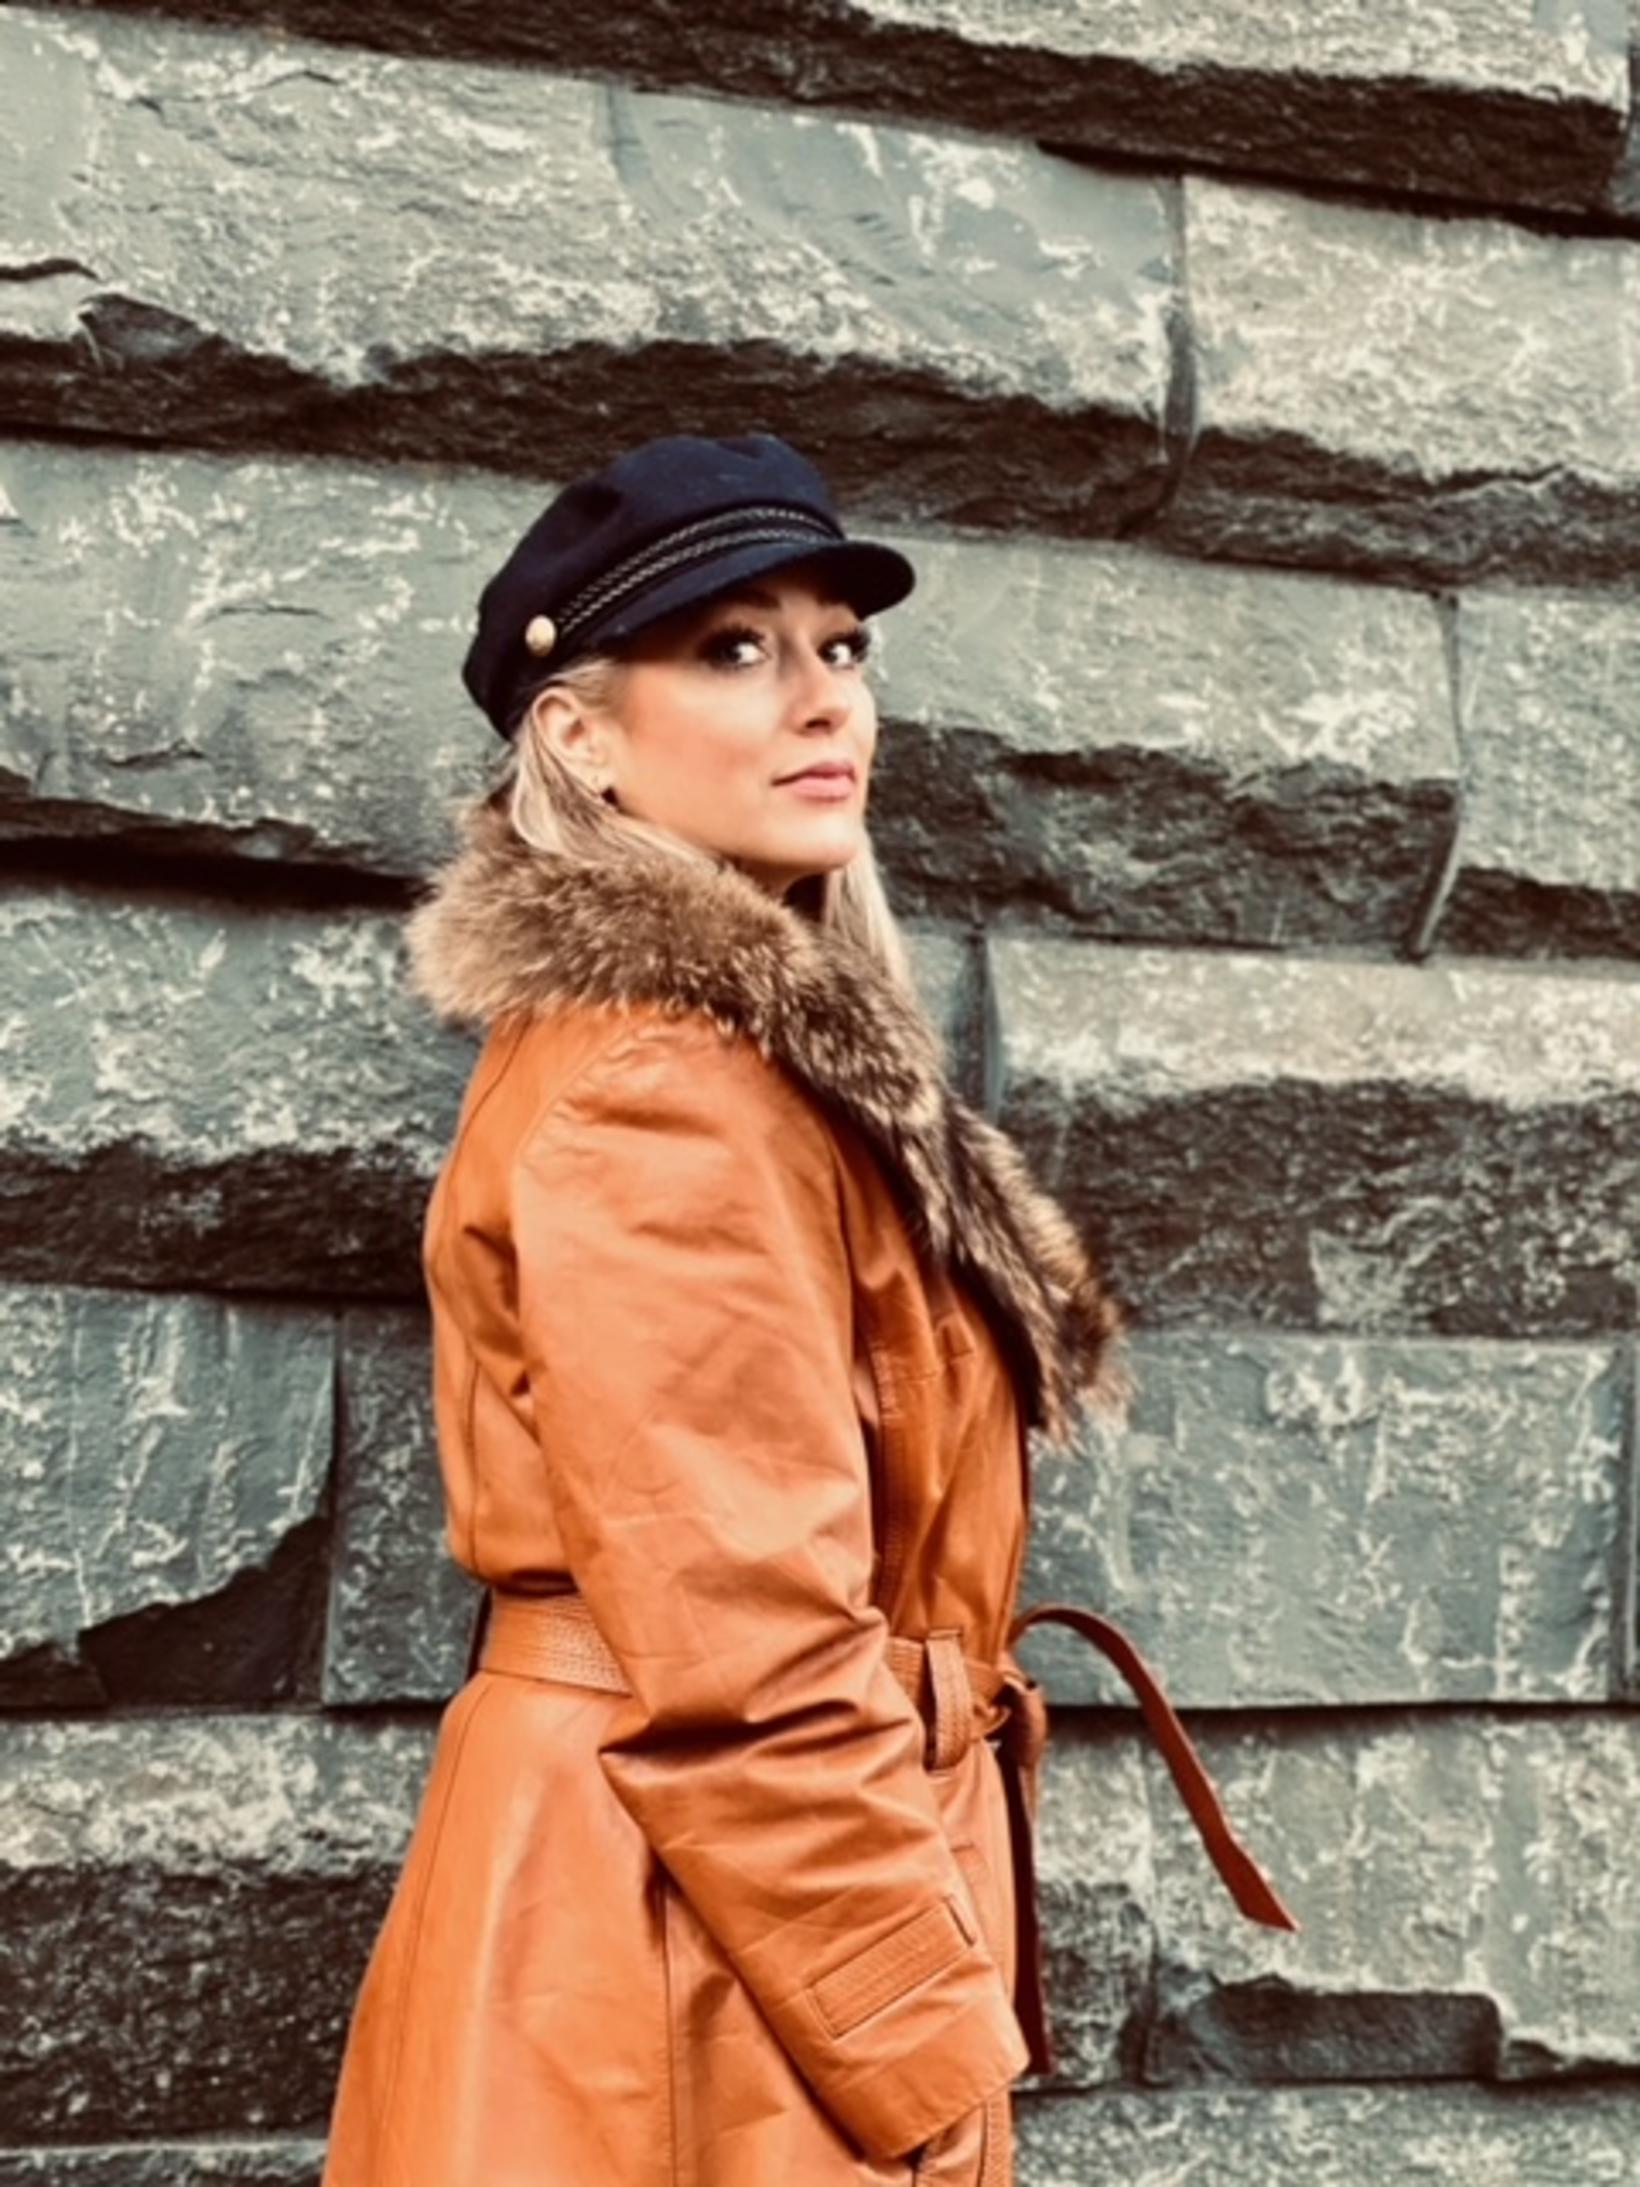 Marín Manda lærði fatahönnun á sínum tíma.